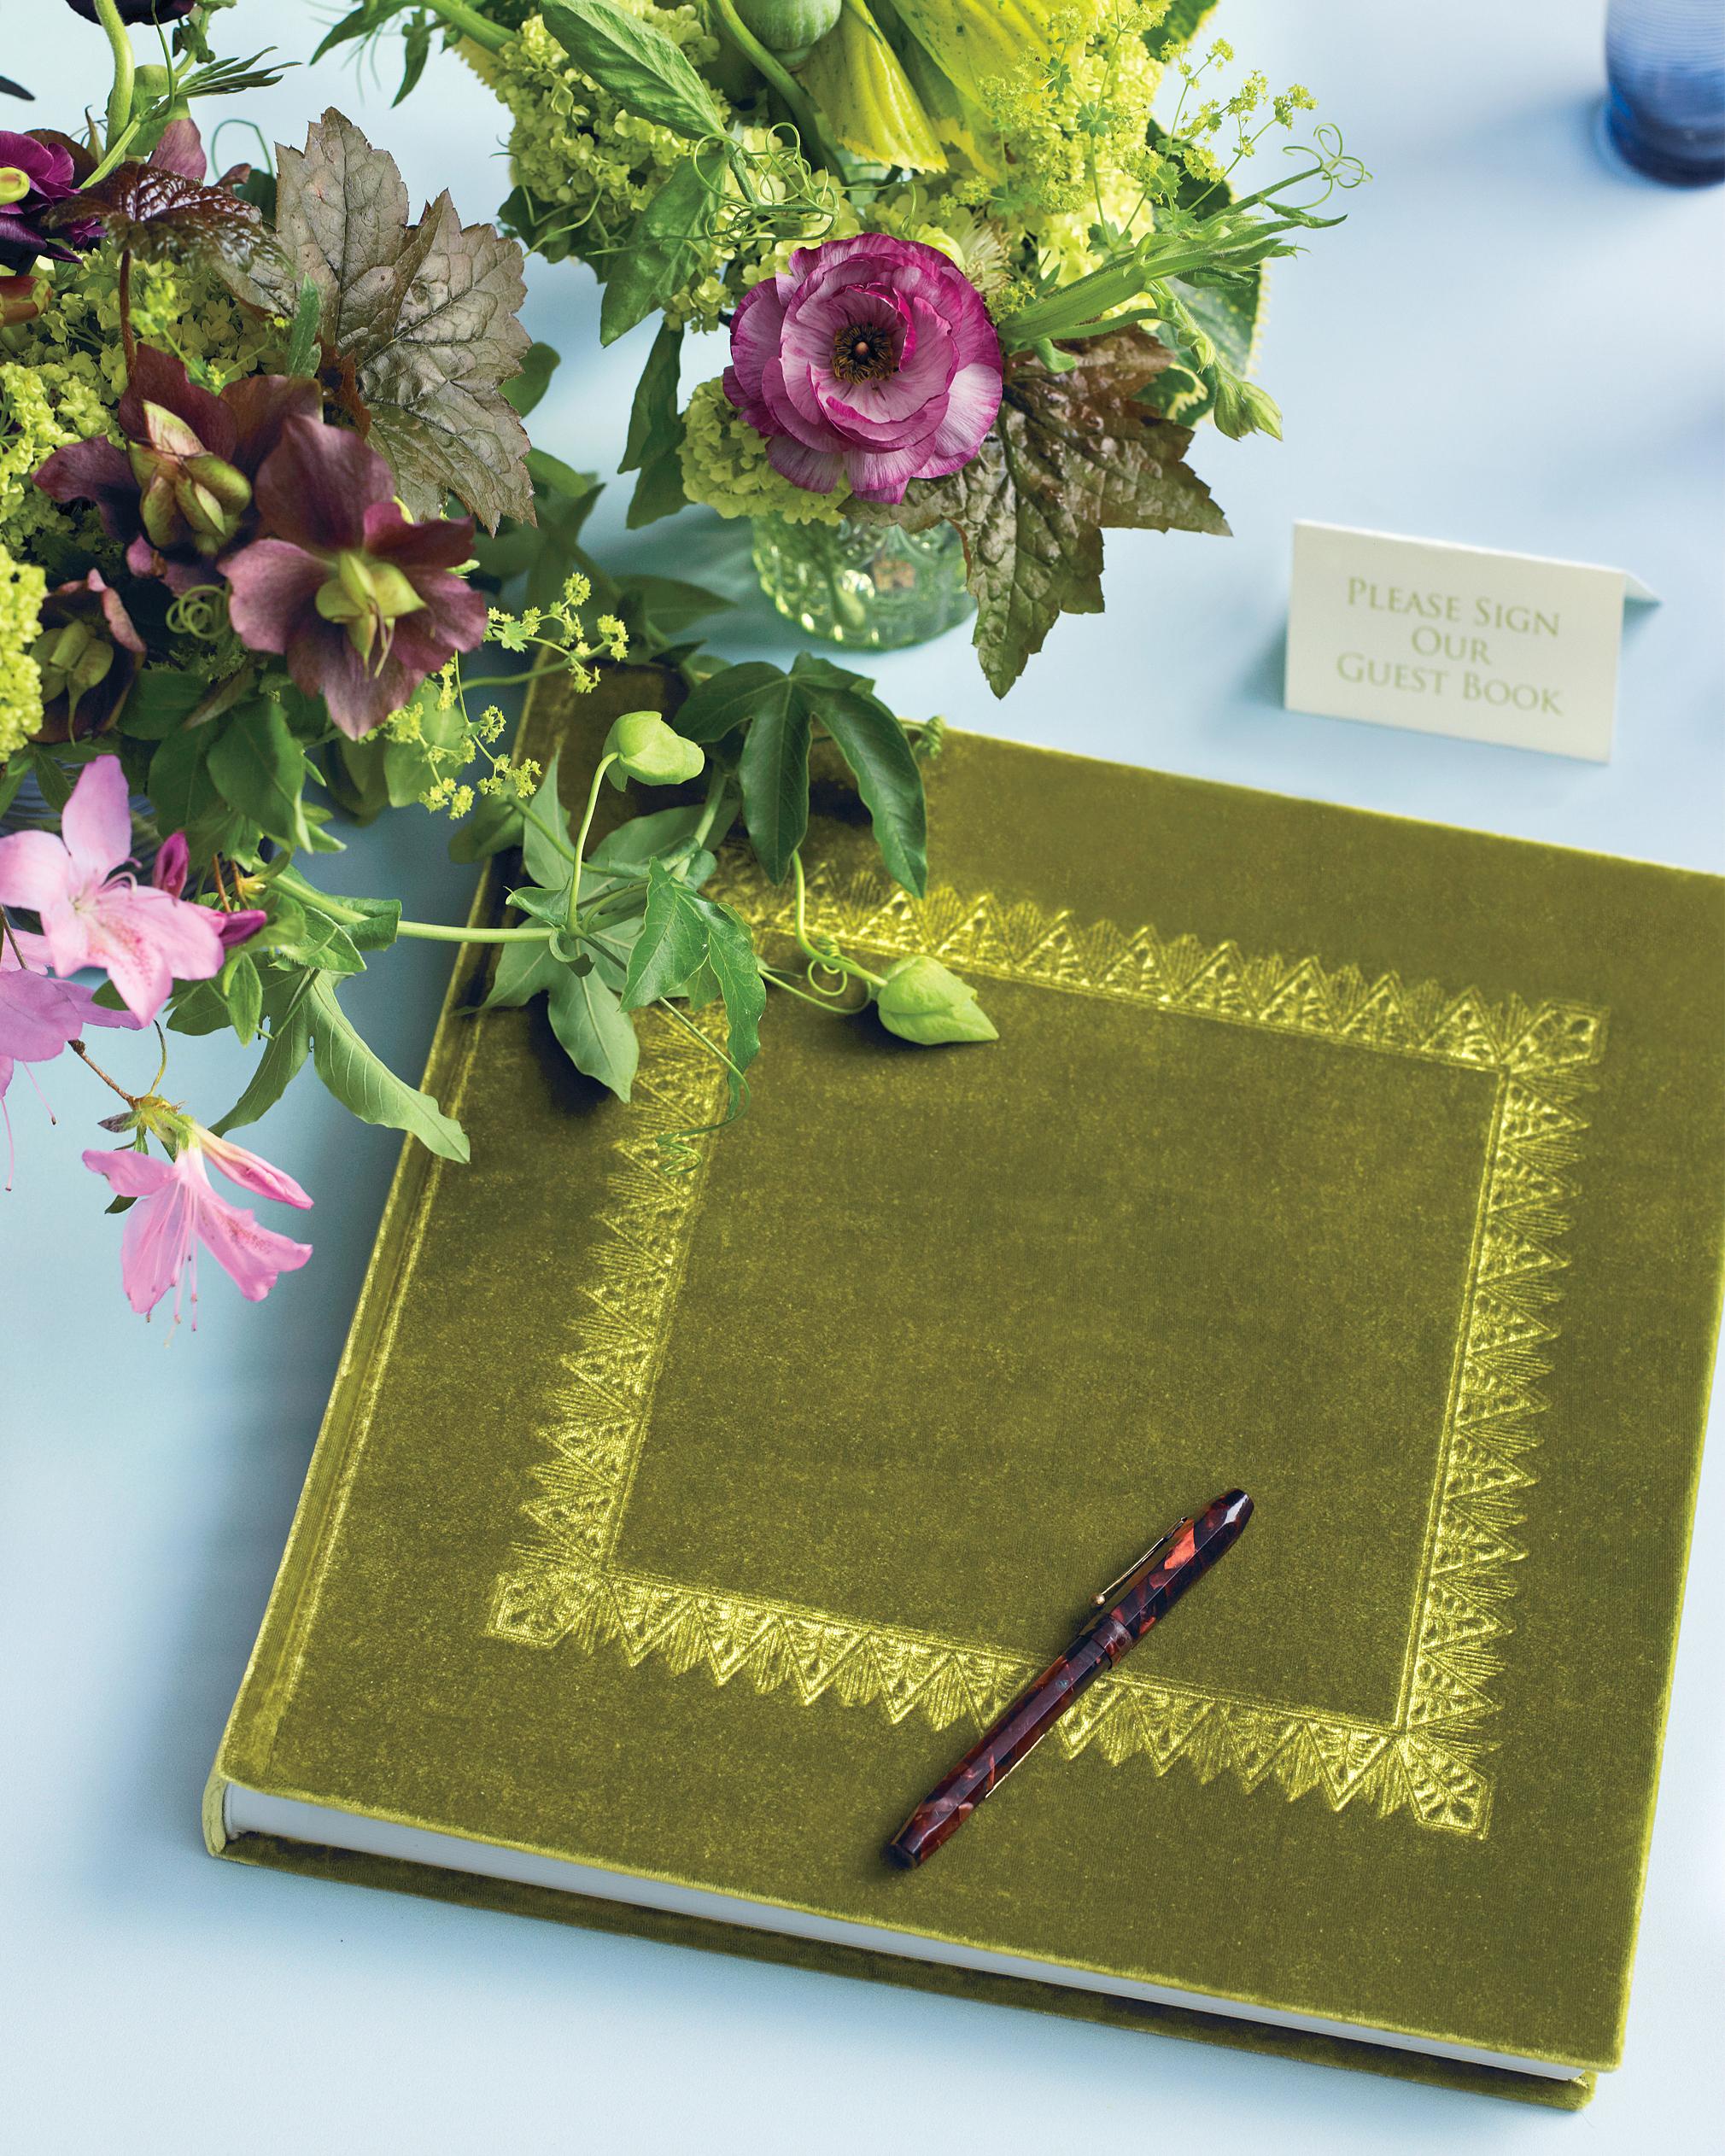 guest-book-0811mwd107436.jpg